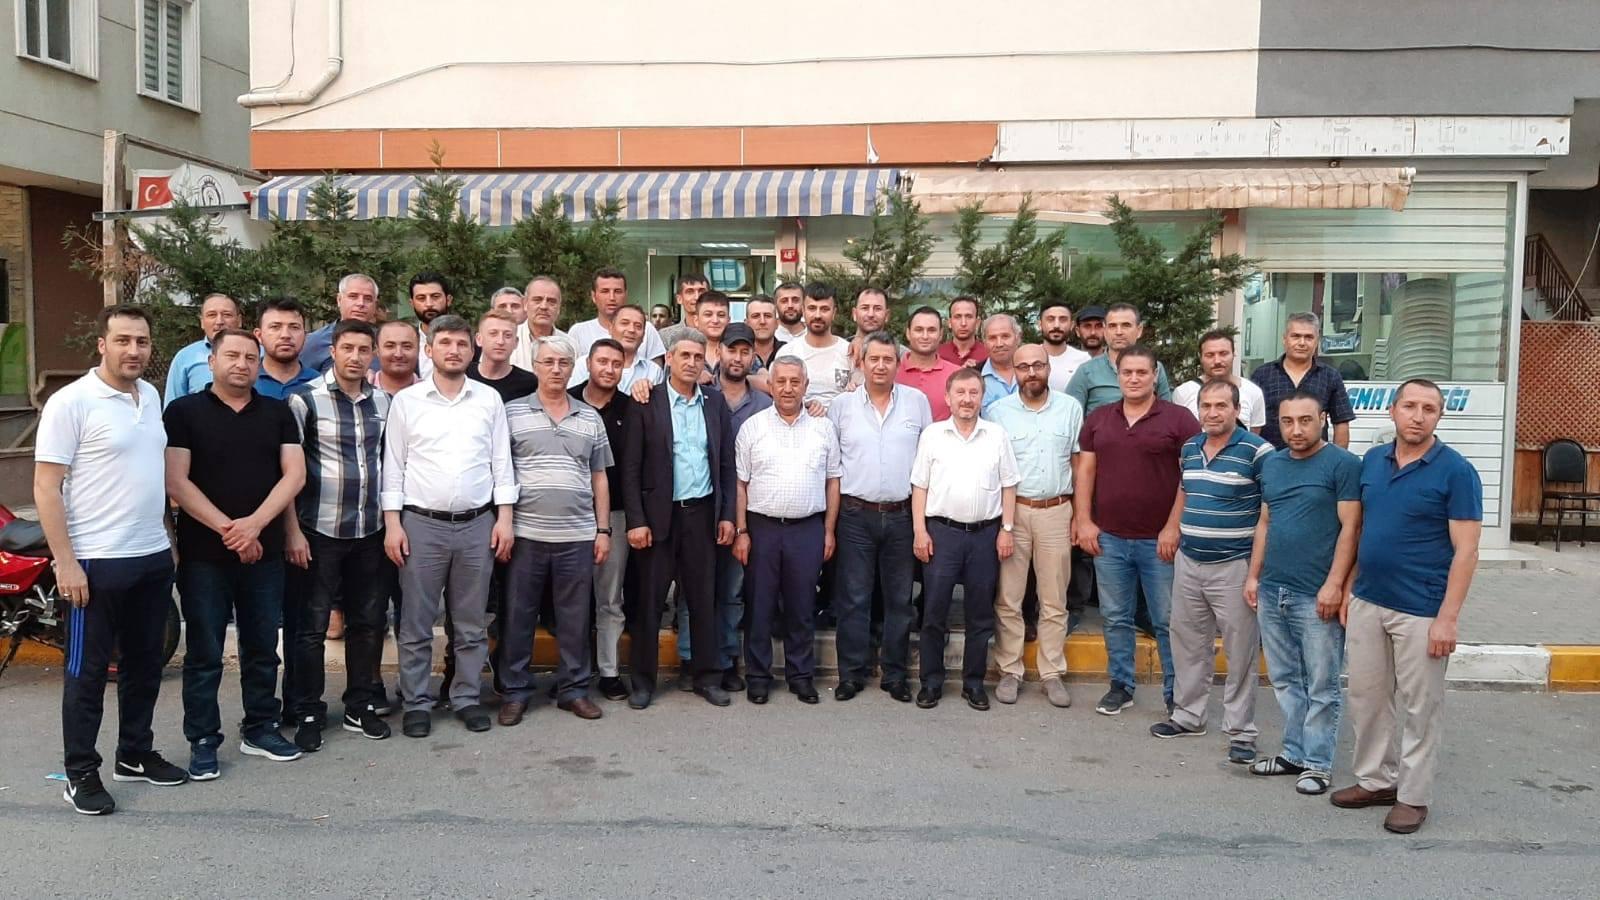 BAŞKAN ZEYBEK, İSTANBUL'DAKİ HEMŞEHRİLERİYLE BULUŞTU